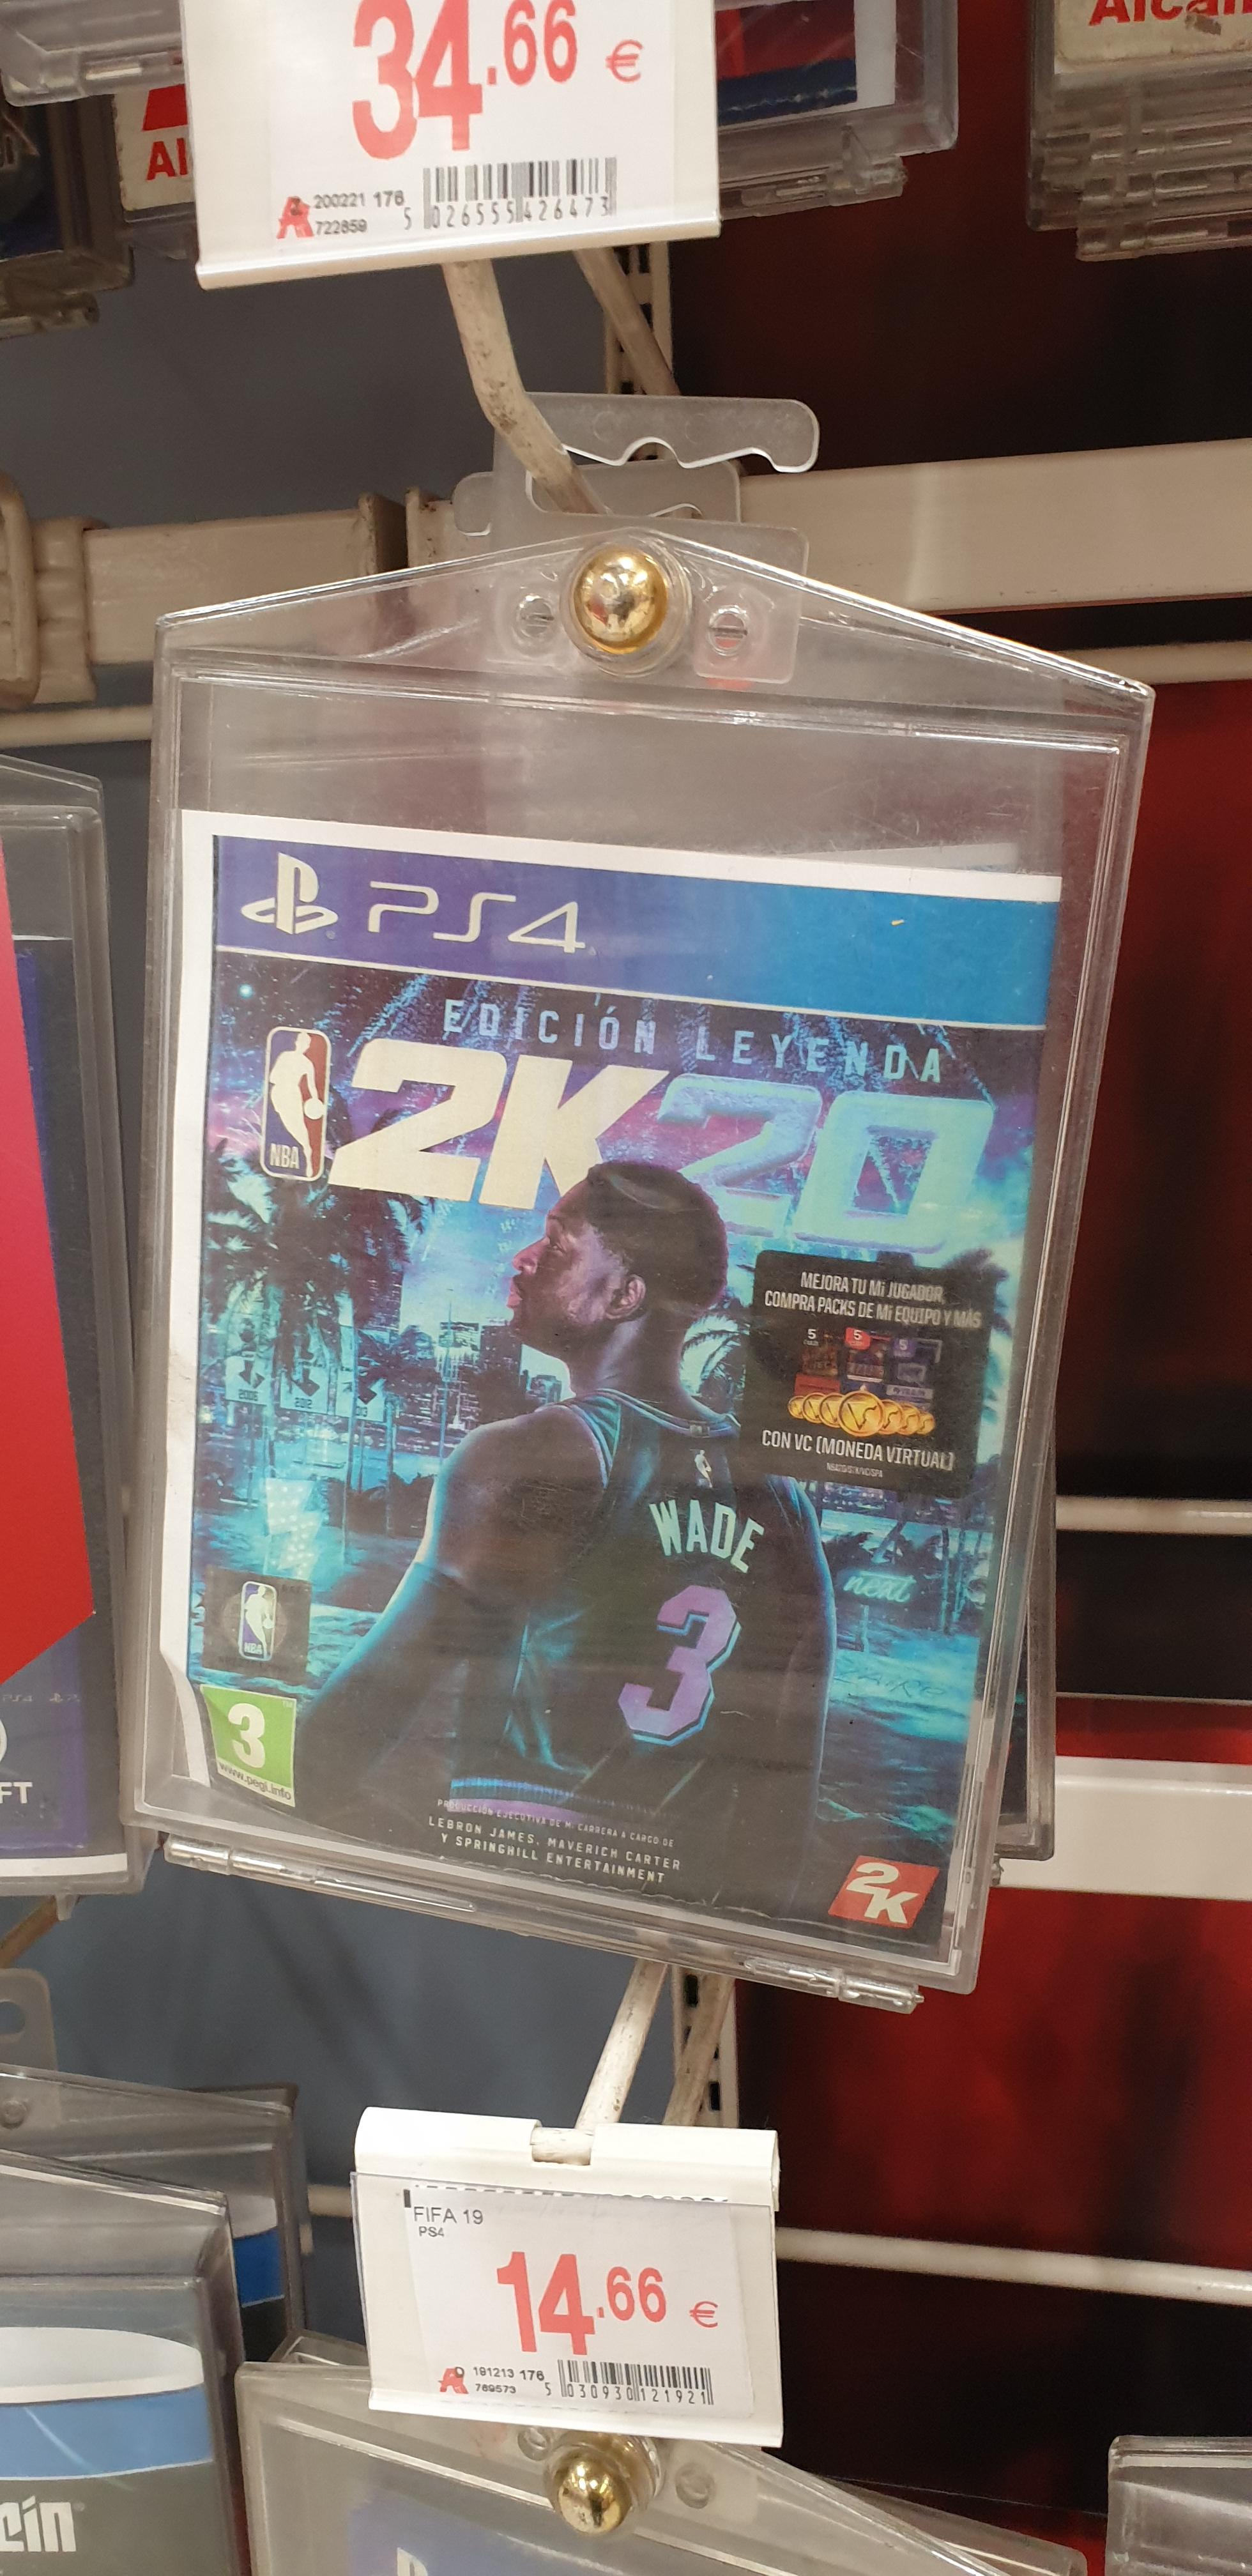 NBA 2K20 Edición Leyenda PS4 Alcampo Loranca